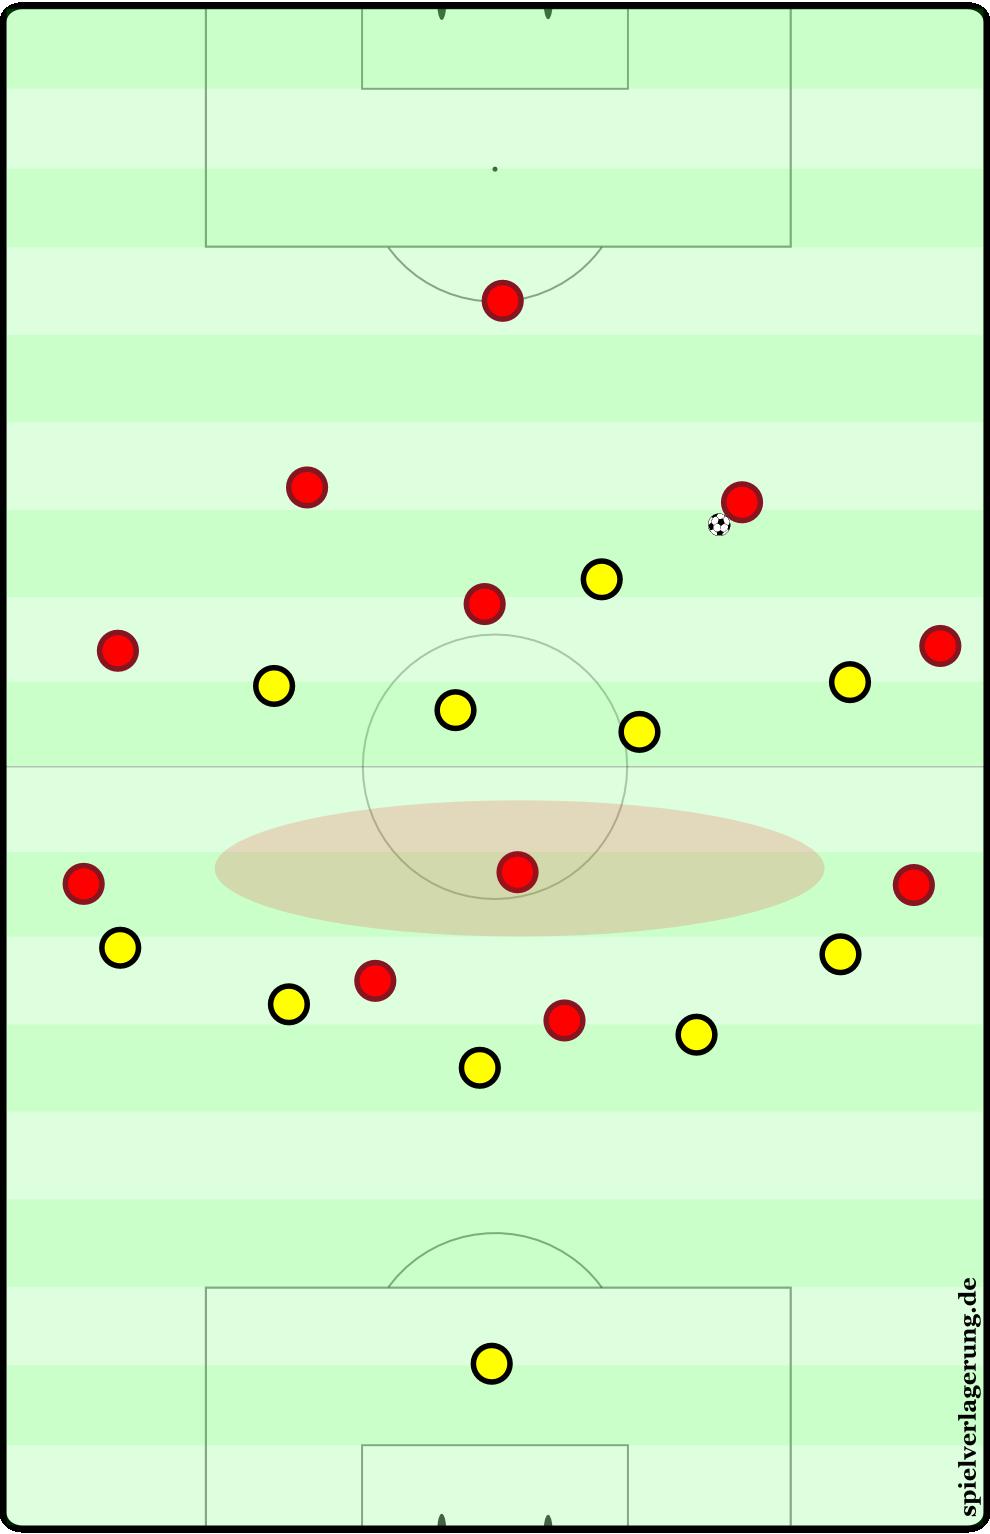 2016-03-05_Dortmund-Bayern_Dortmund-ZWLR